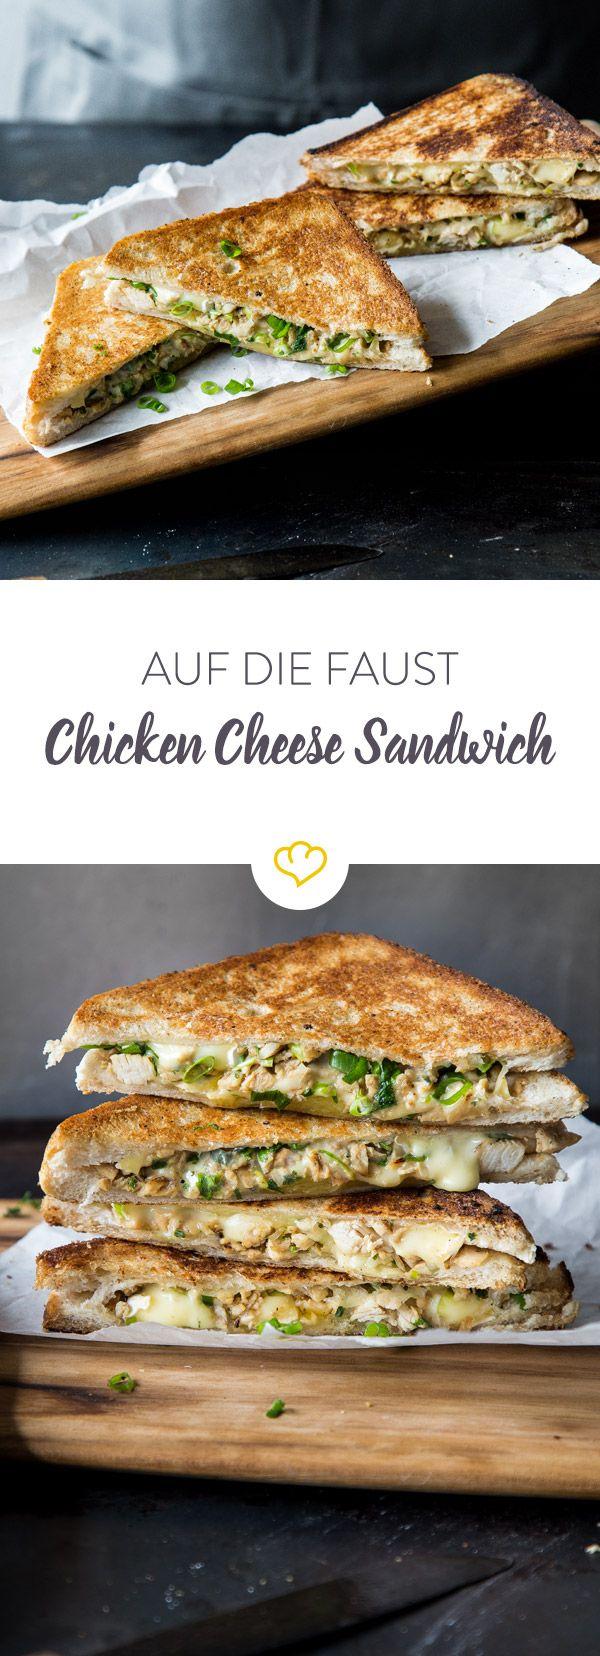 Auf die Faust - Grilled Chicken Cheese Sandwich